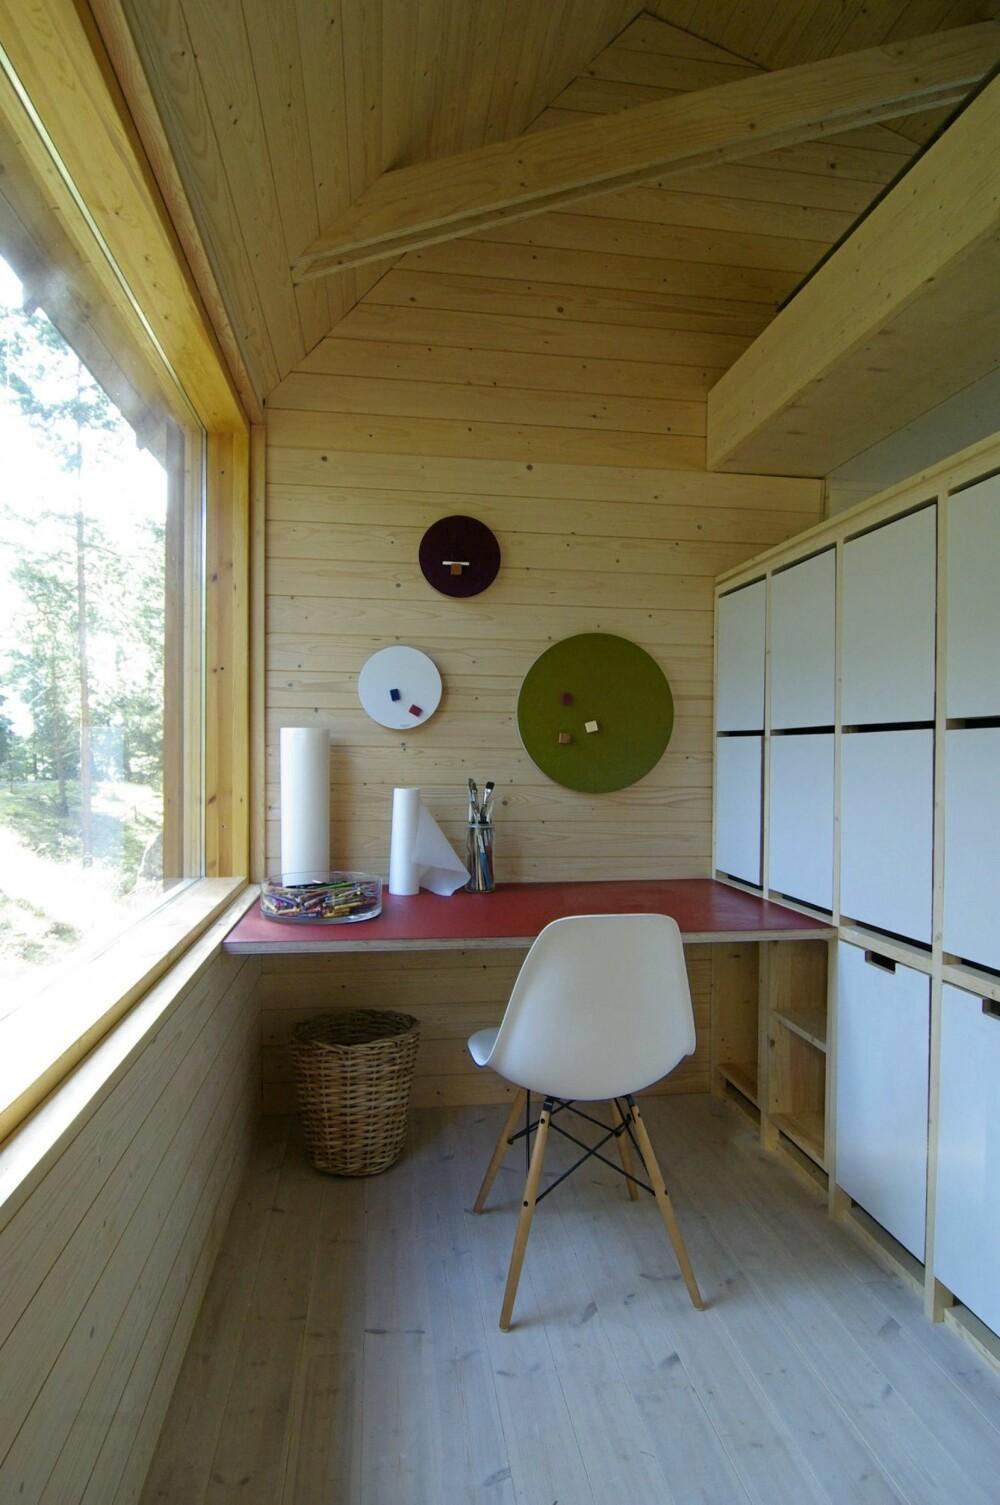 ET FORBILDE FOR MANGE: Det er slike rene, elegante innredninger alle forbinder med moderne, finsk design.